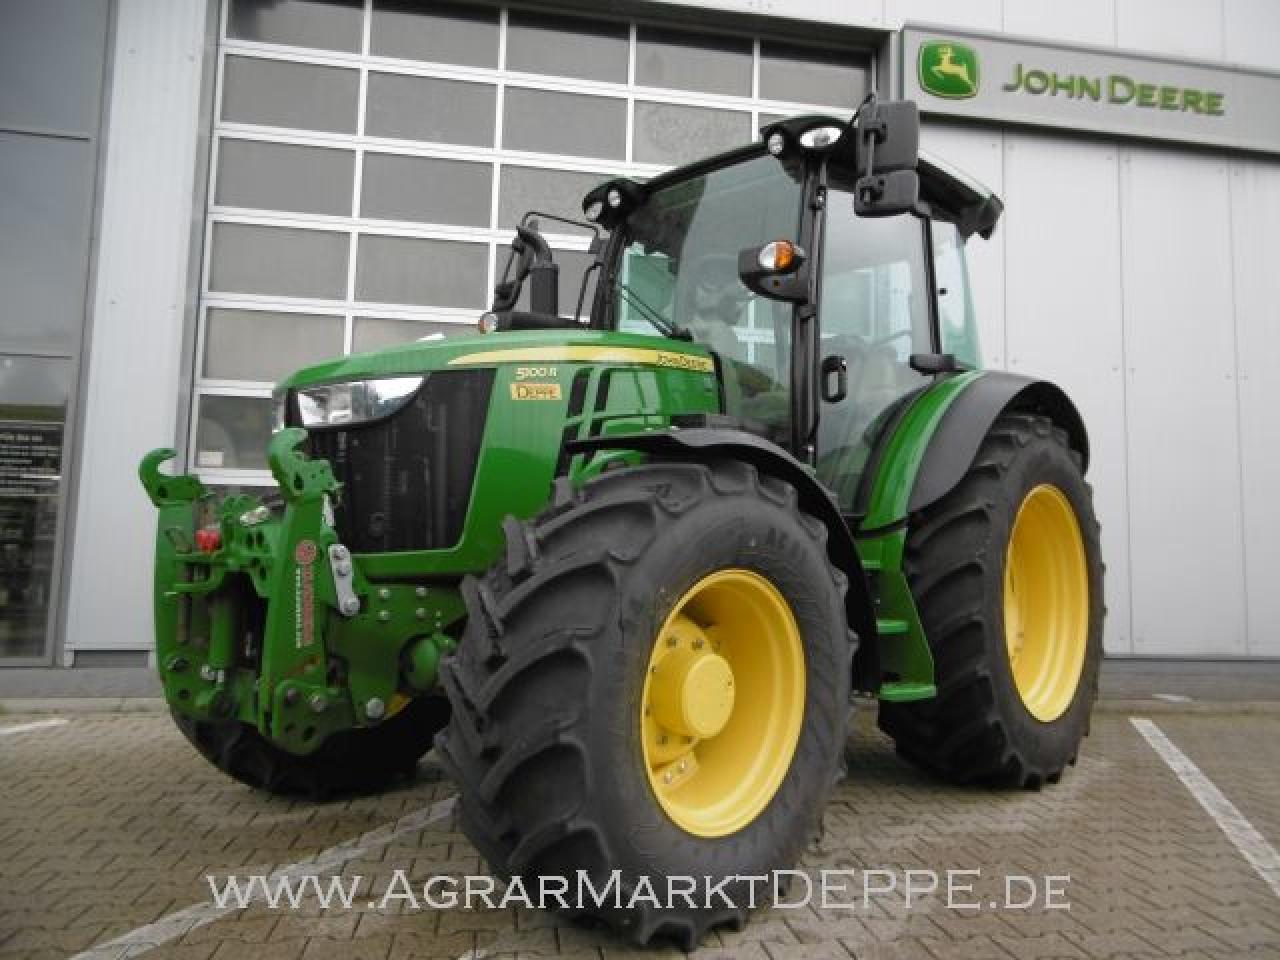 John Deere 5100R iT4